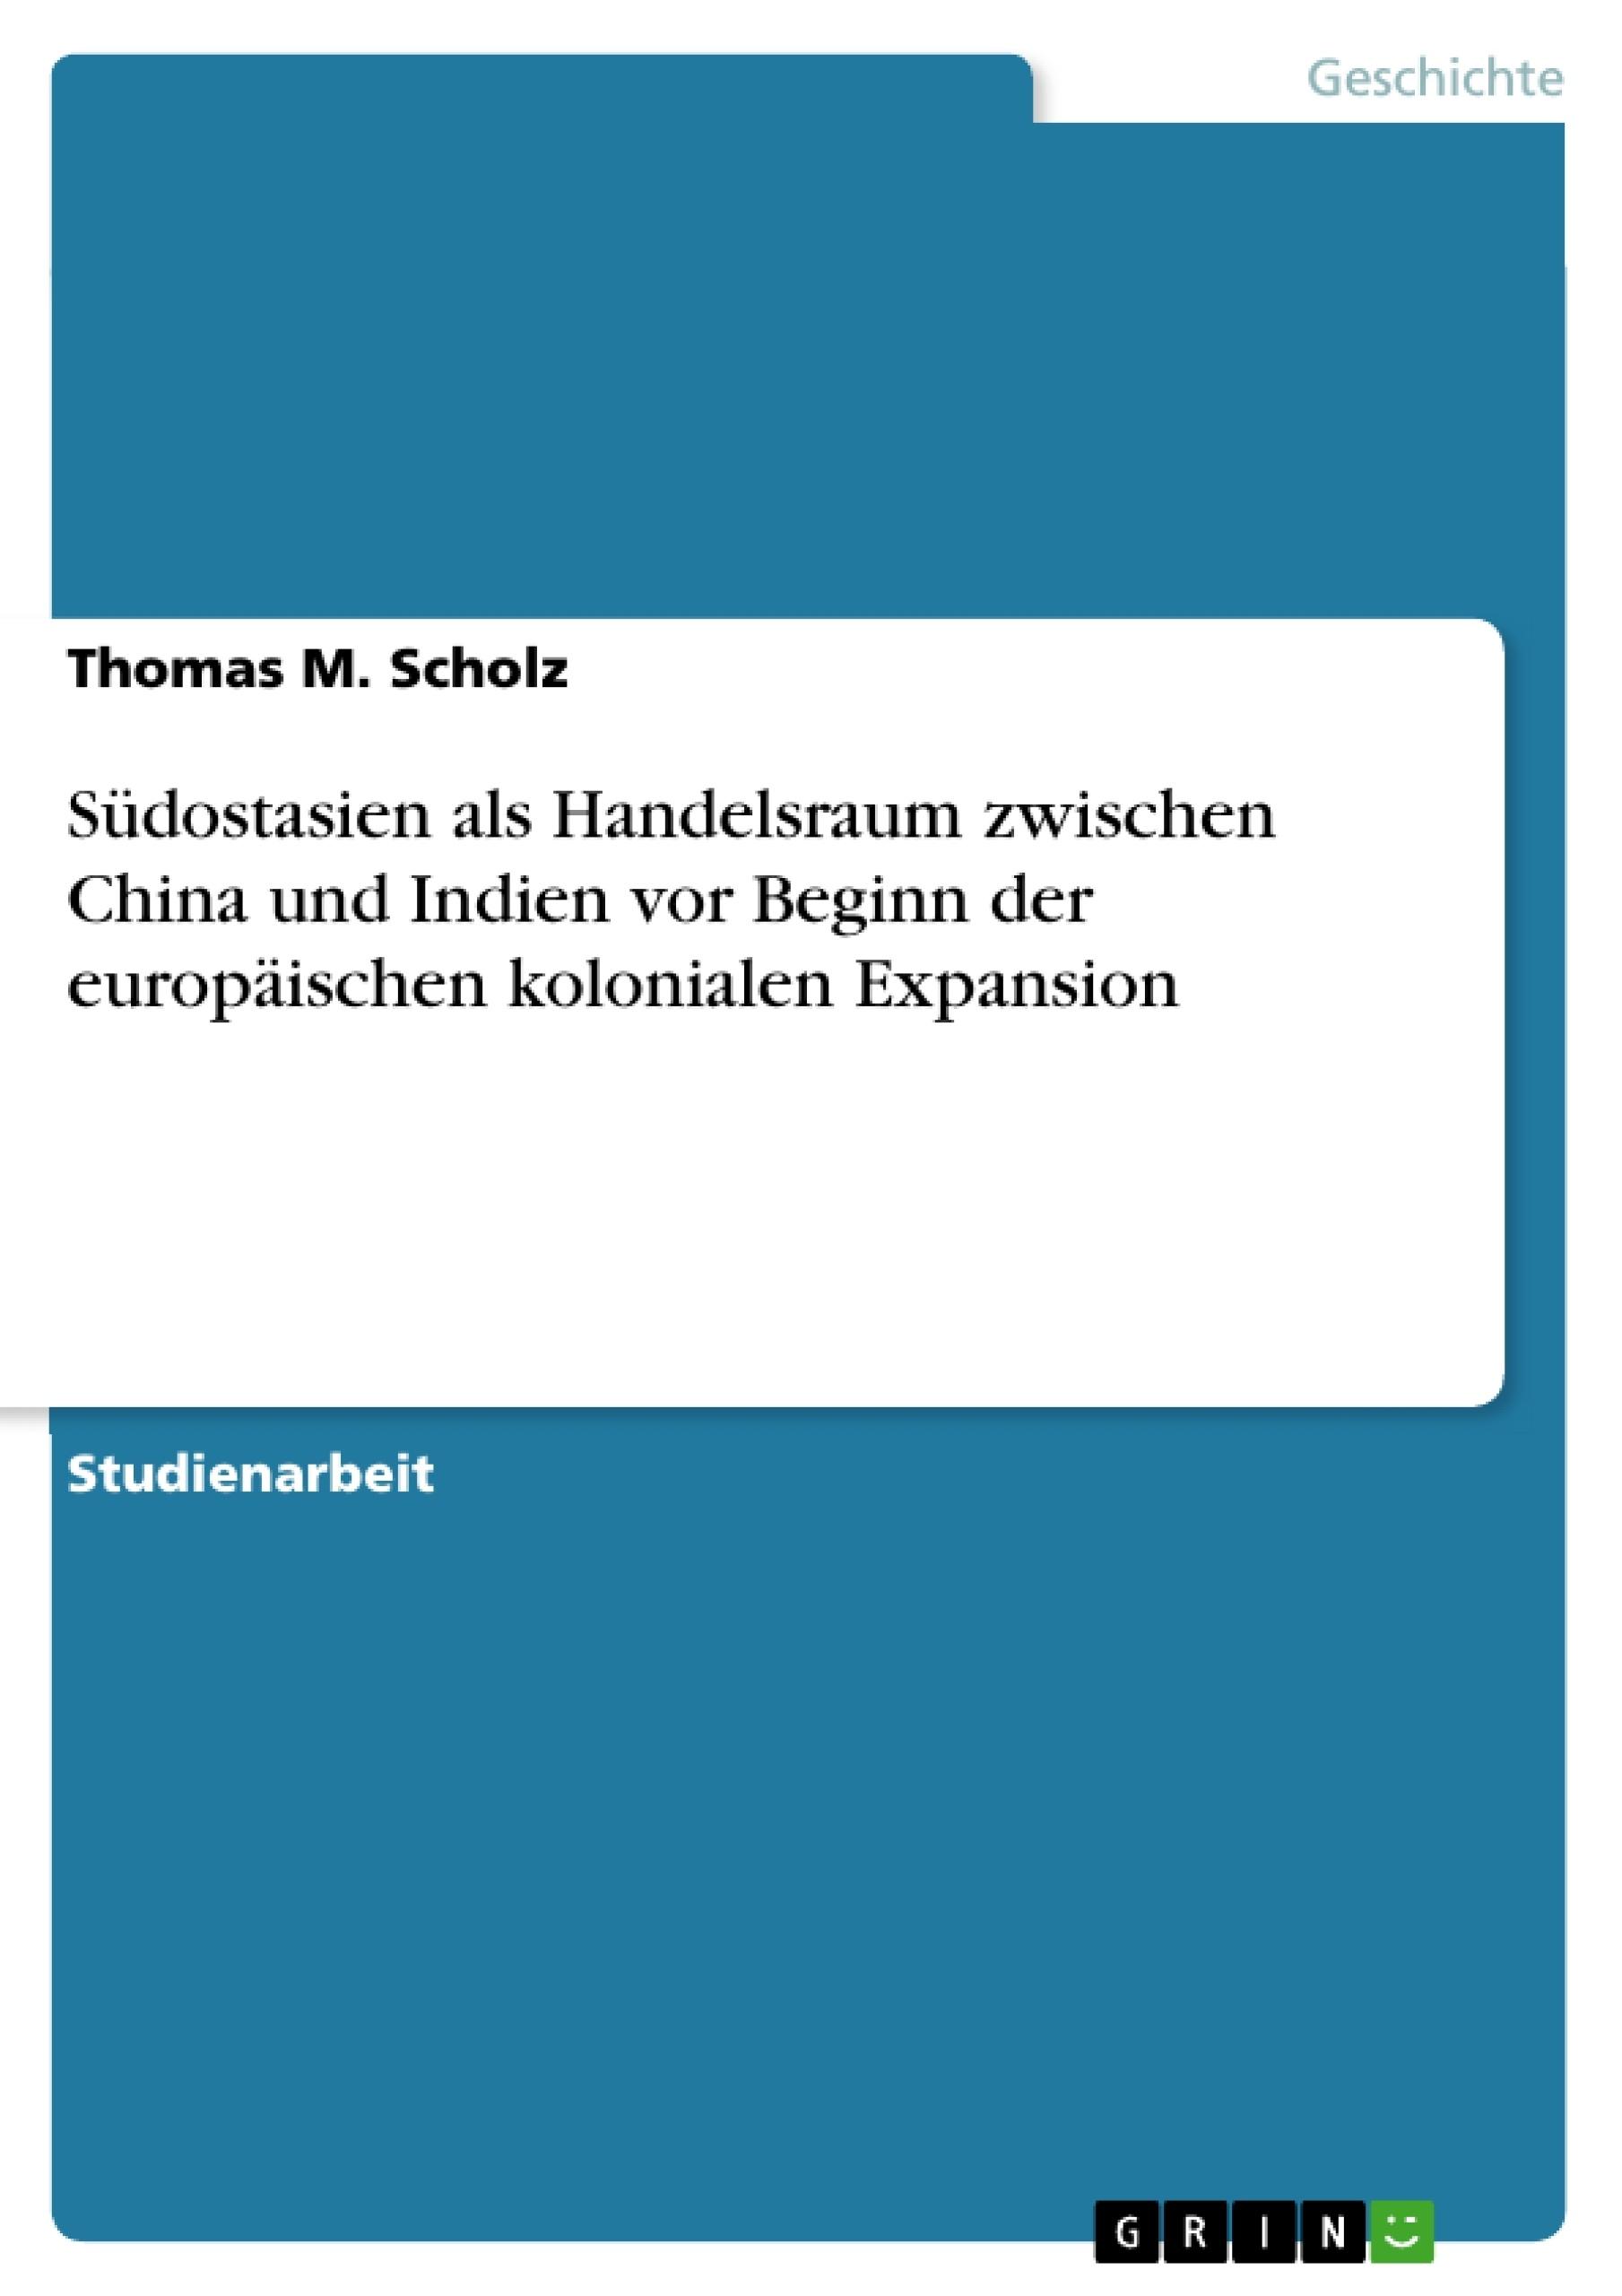 Titel: Südostasien als Handelsraum zwischen China und Indien vor Beginn der europäischen kolonialen Expansion